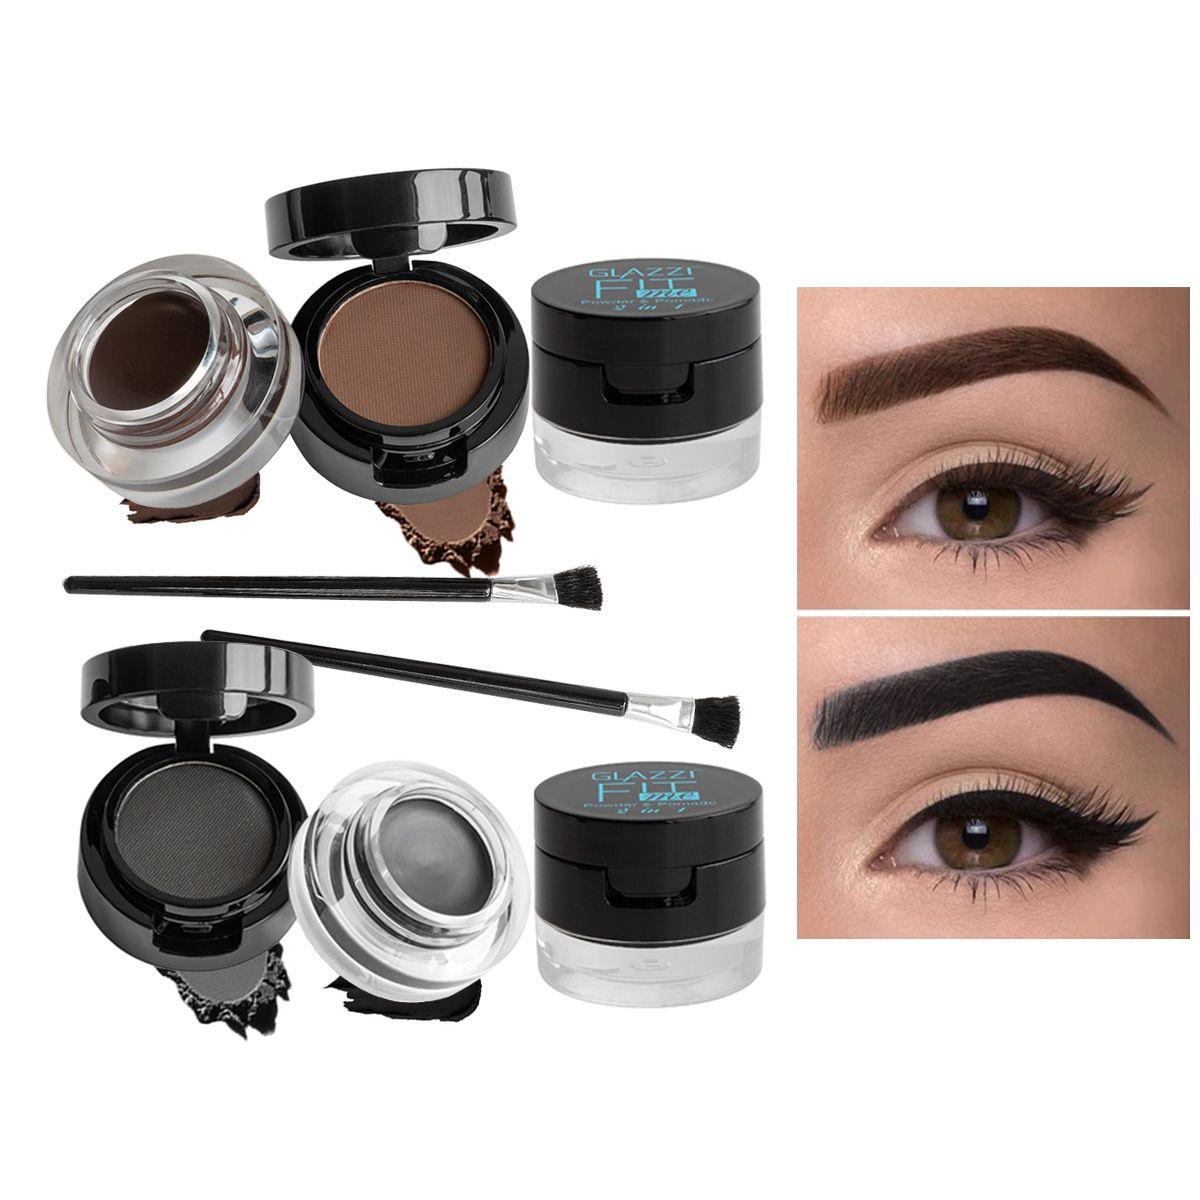 GLAZZI欧美热销双色双层眉粉眼线膏二合一粉状膏状眼线胶套装彩妆